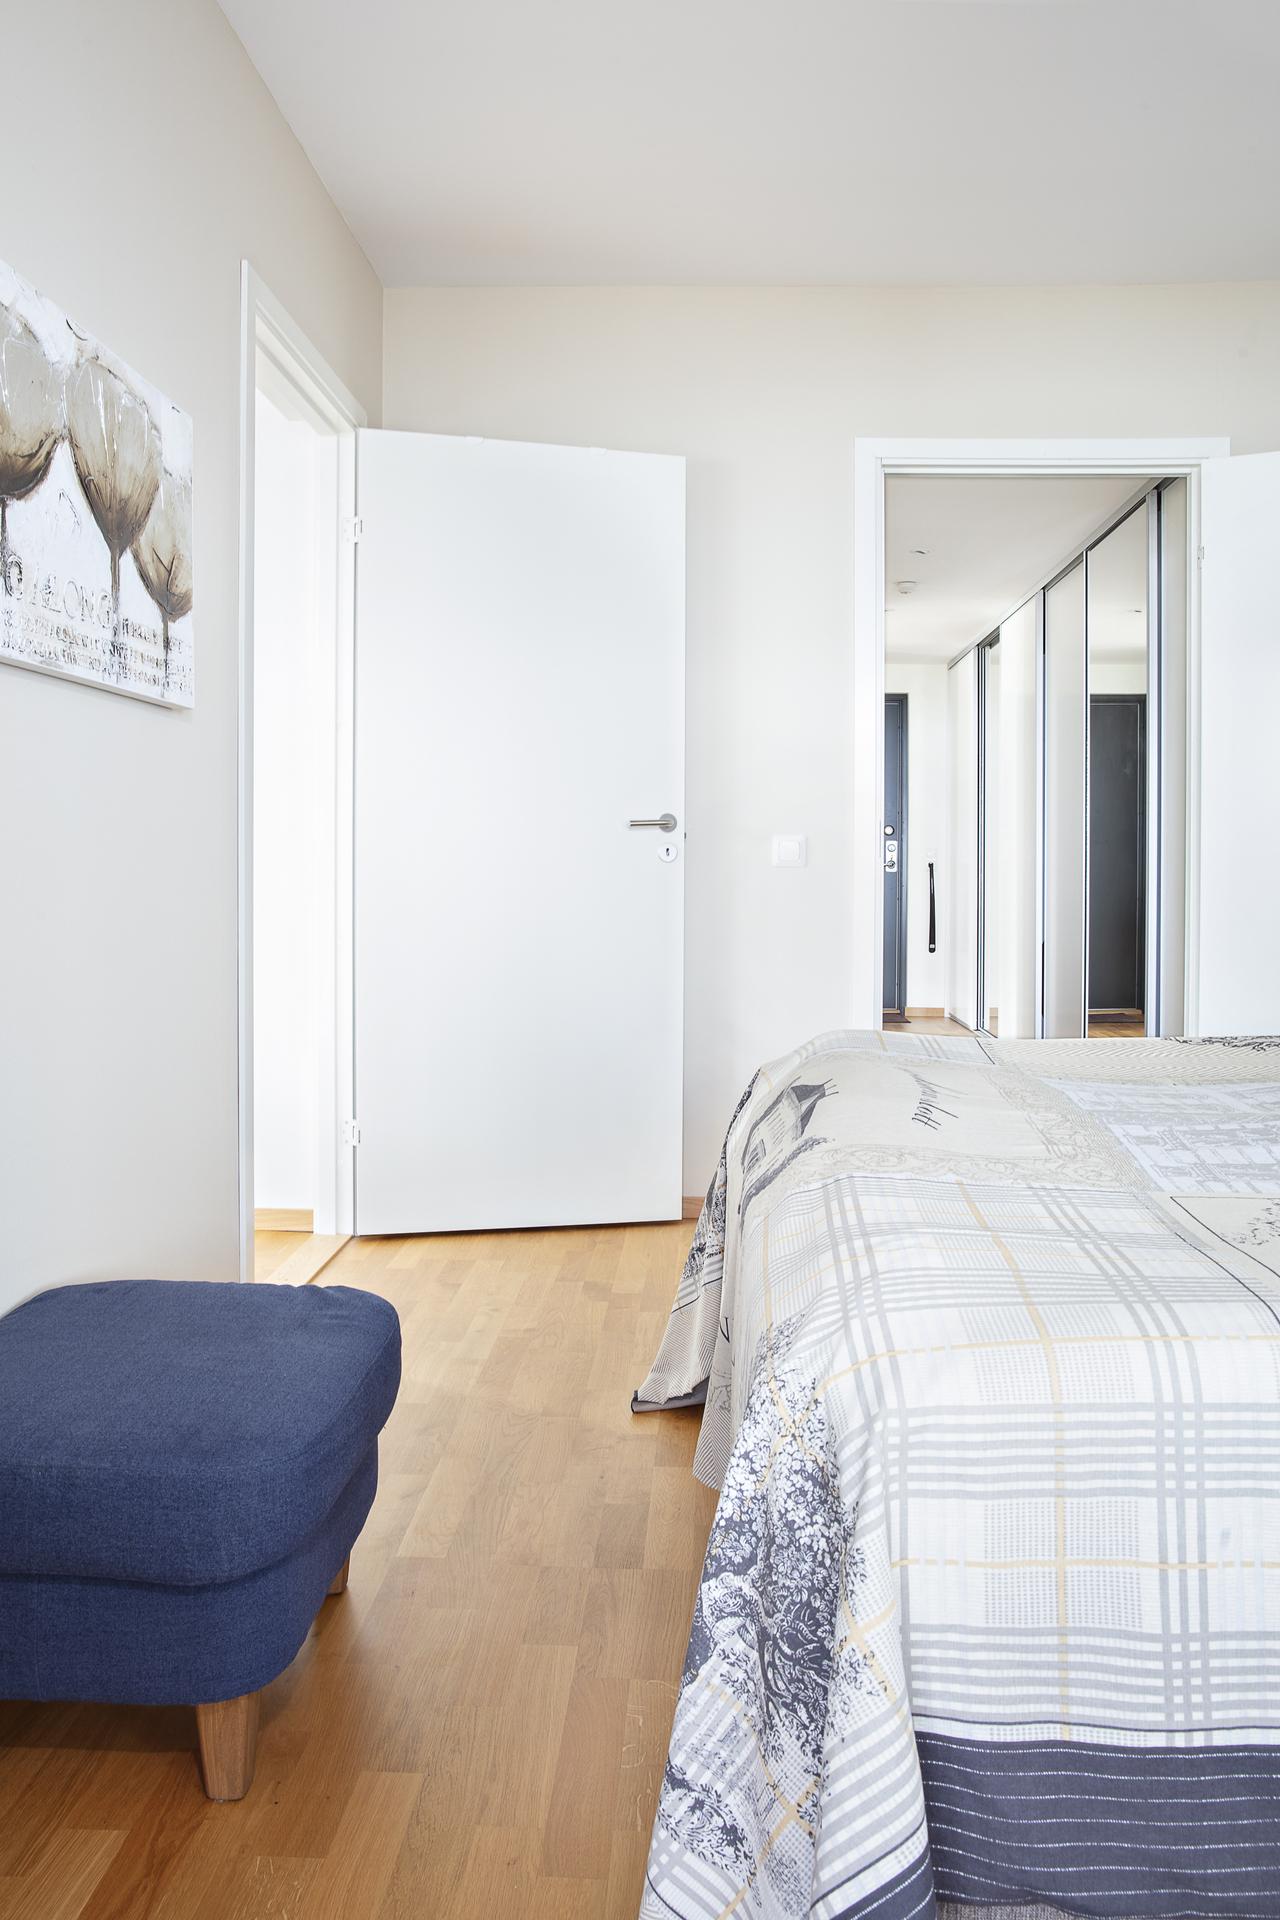 Rummet kan nås ifrån hallen och vardagsrummet